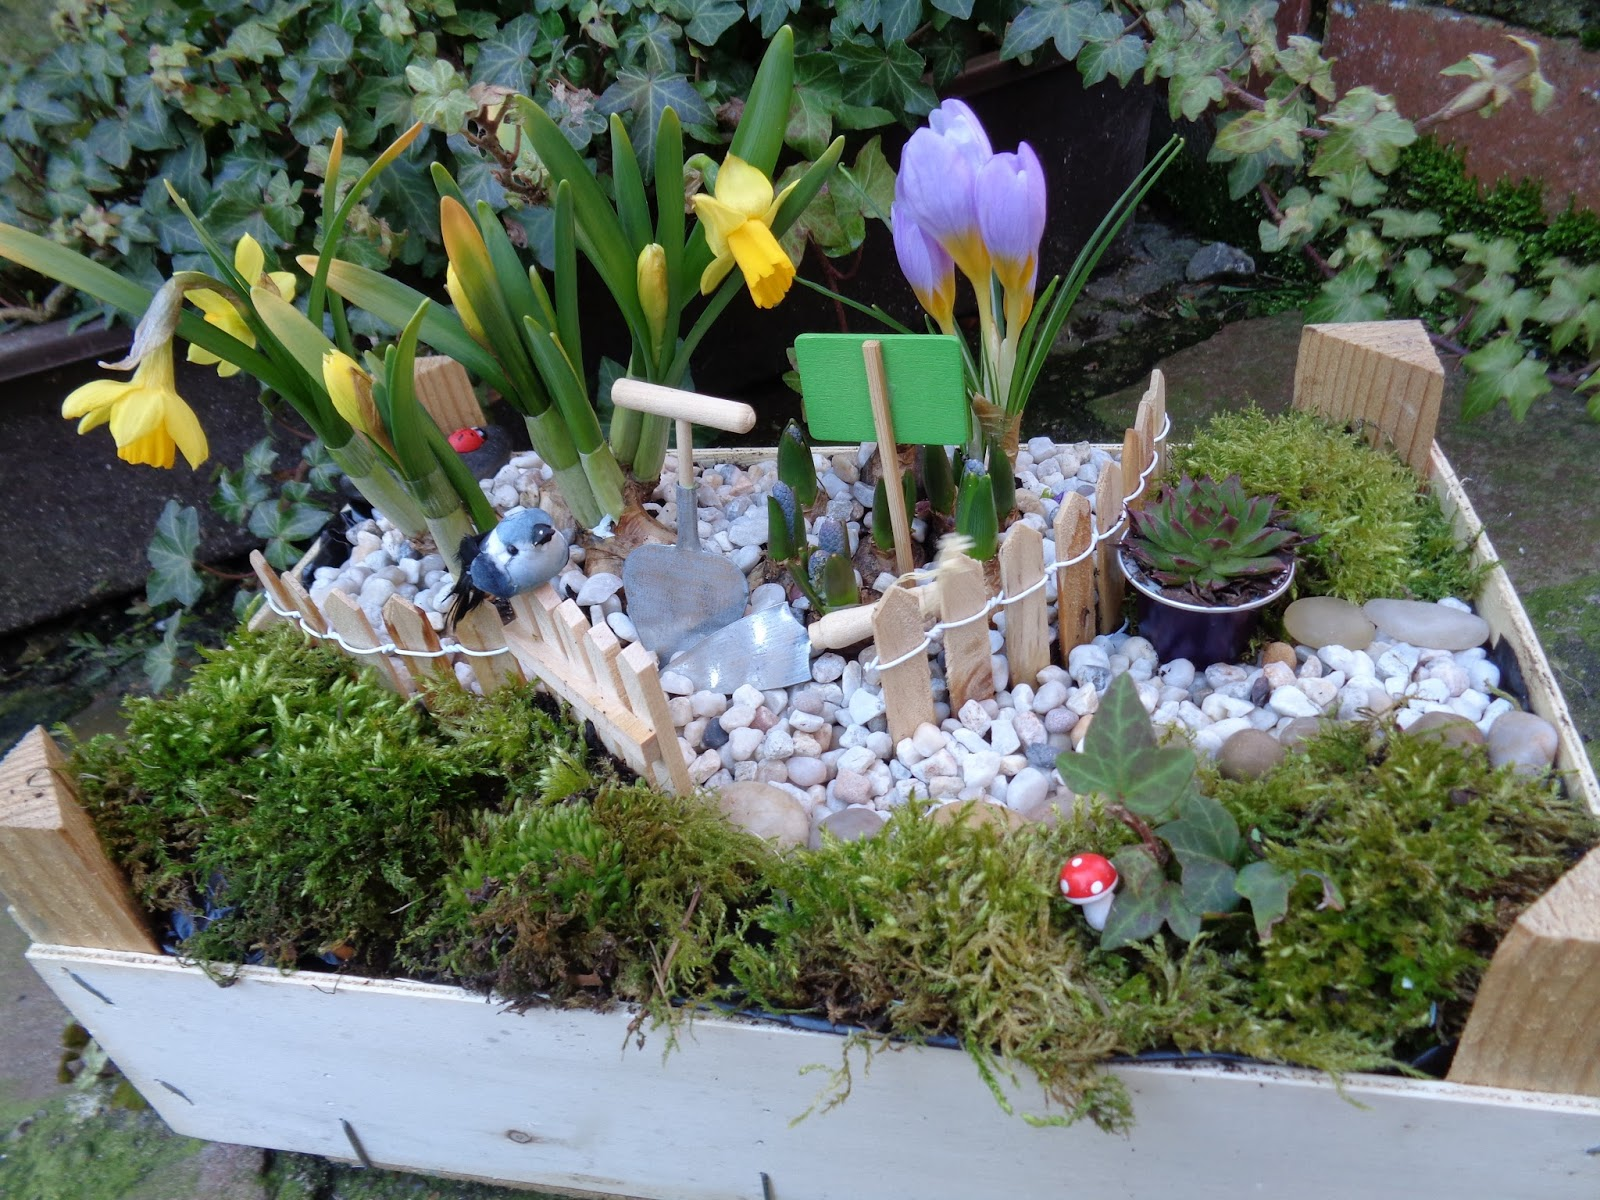 Coeur plein frigo vide mini jardin - Que faire avec du marc de cafe dans le jardin ...